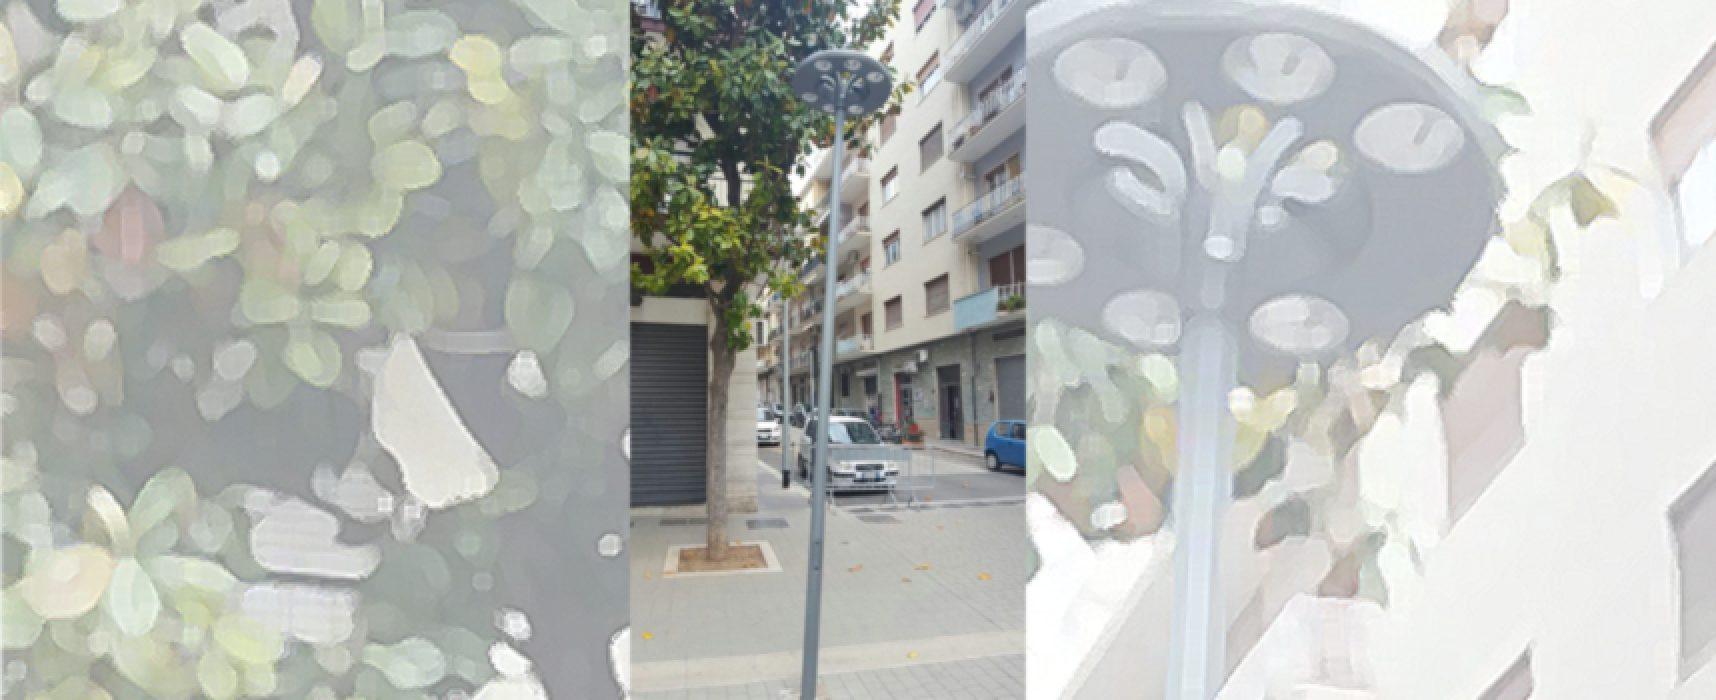 Furgone urta e danneggia palo in via Aldo Moro, individuato e multato il responsabile